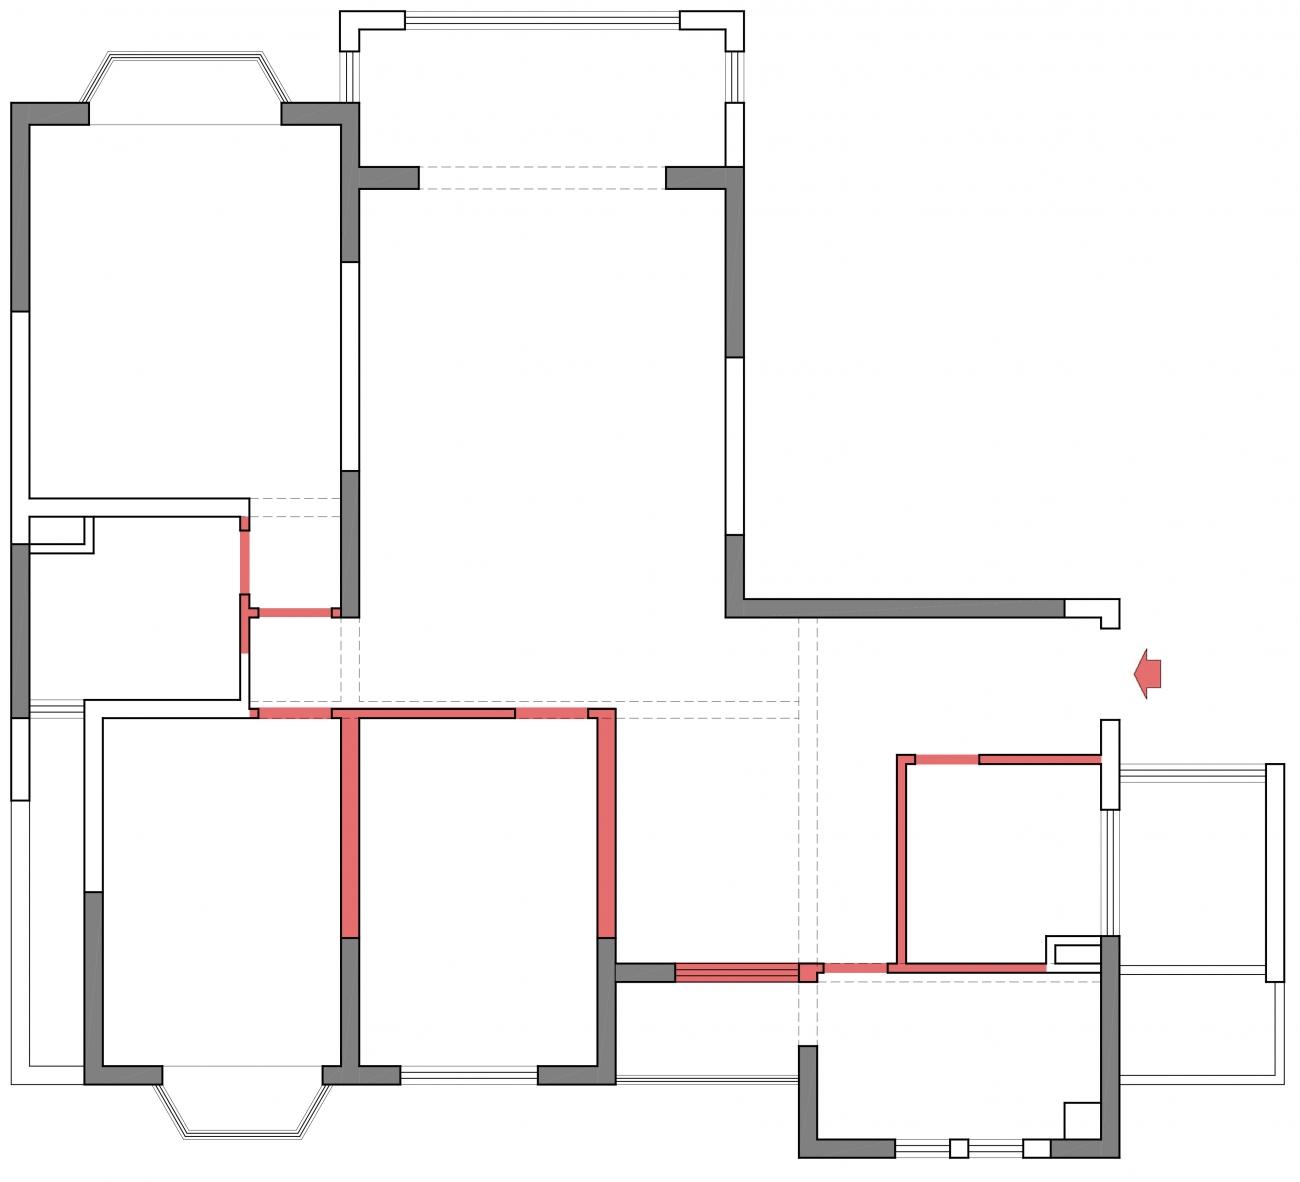 20210901 原始结构拆改图(1).jpg